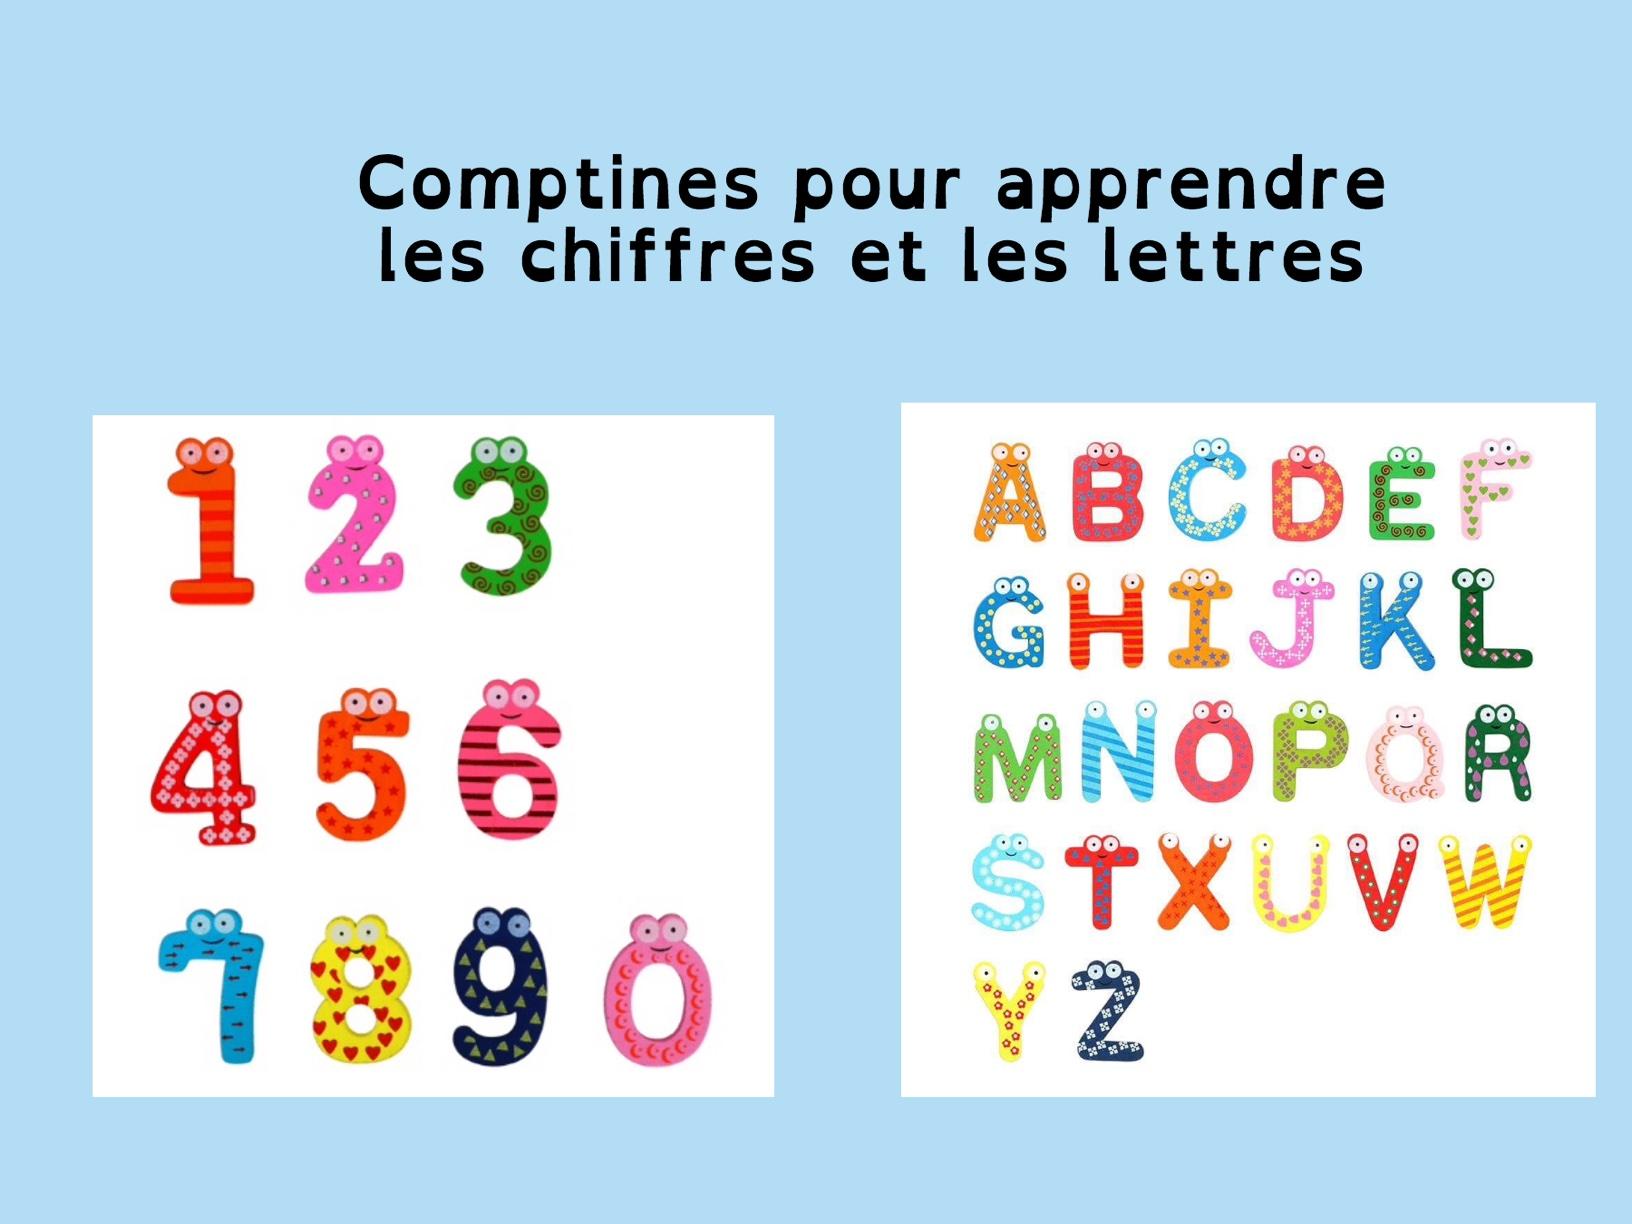 Comptines pour apprendre les chiffres et les lettres